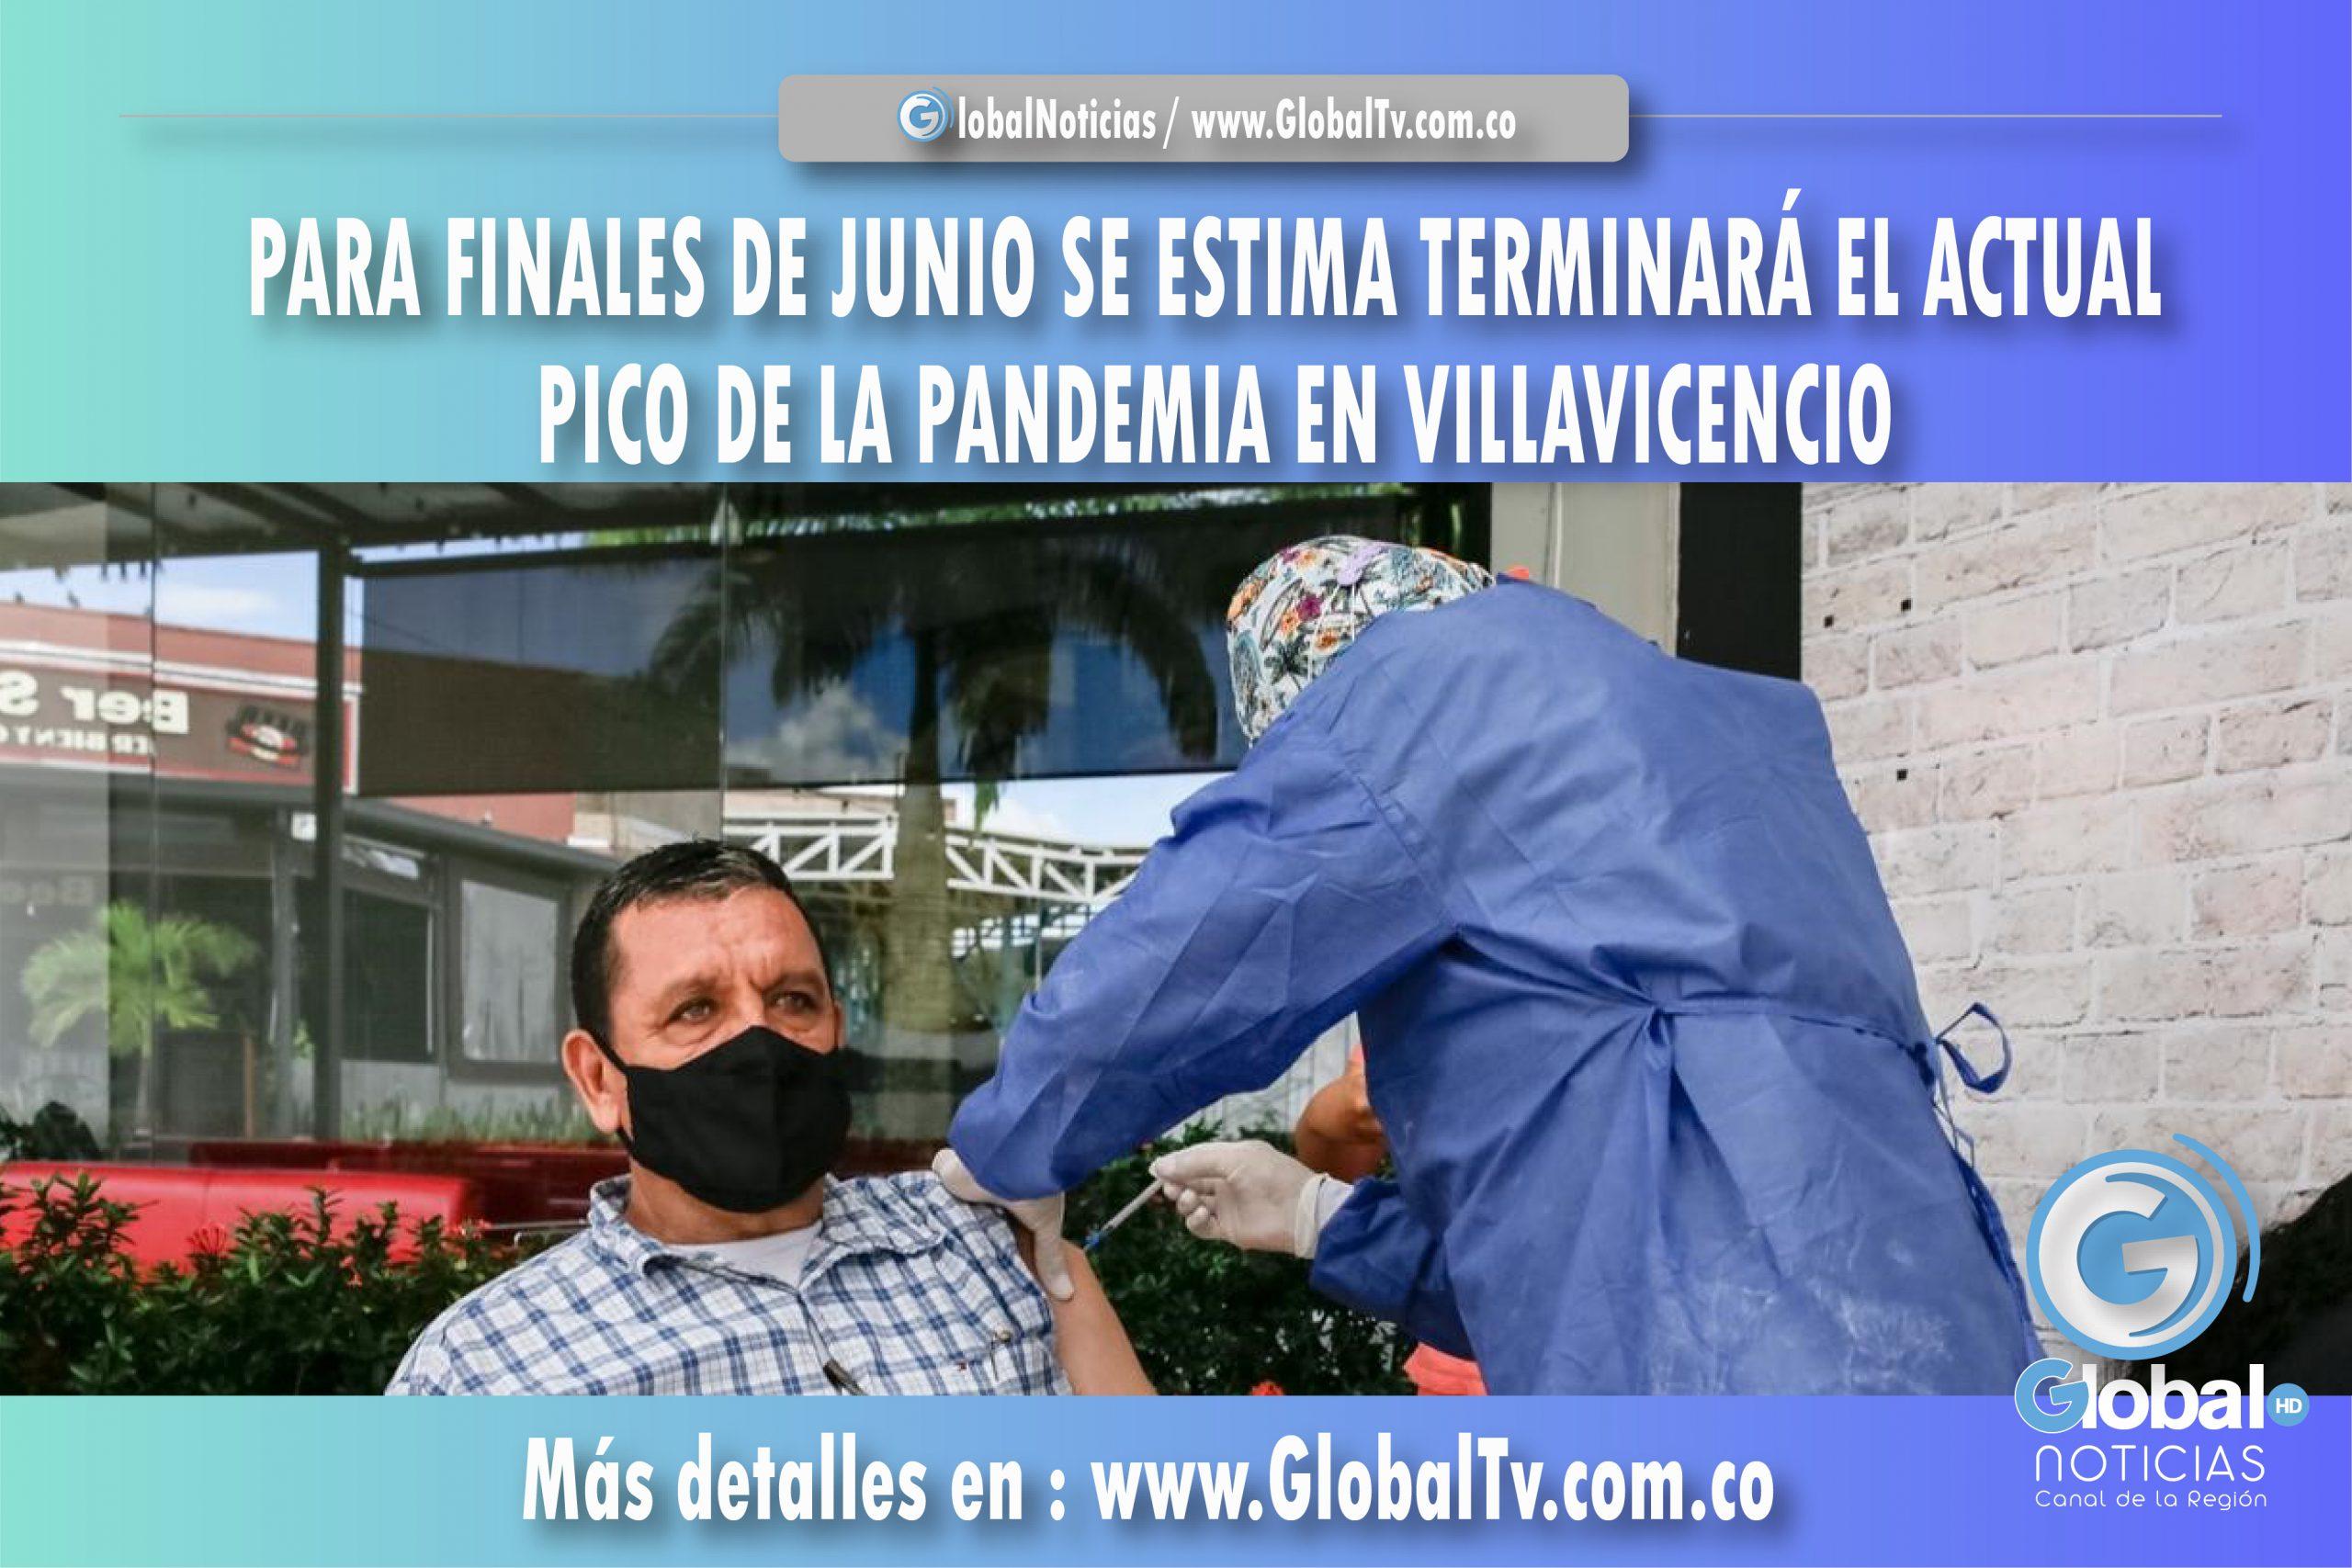 PARA FINALES DE JUNIO SE ESTIMA TERMINARÁ EL ACTUAL PICO DE LA PANDEMIA EN VILLAVICENCIO